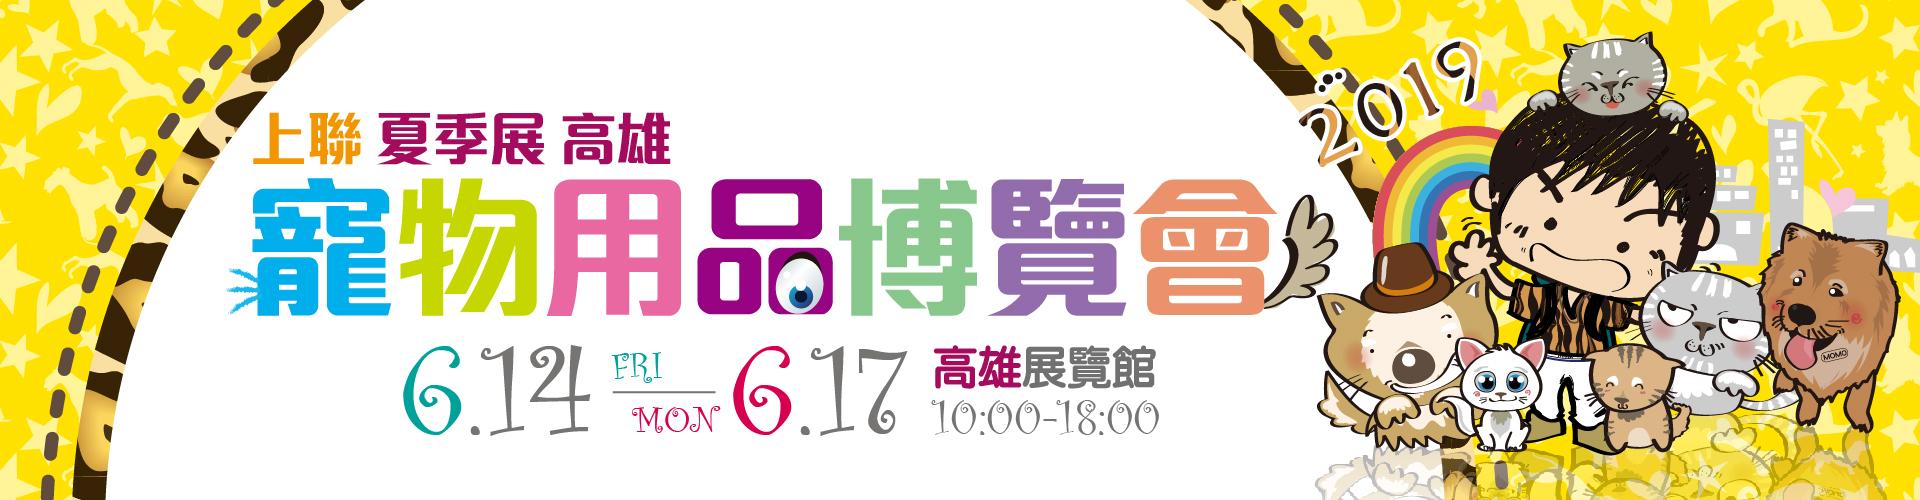 2019上聯高雄寵物用品博覽會(夏季展)